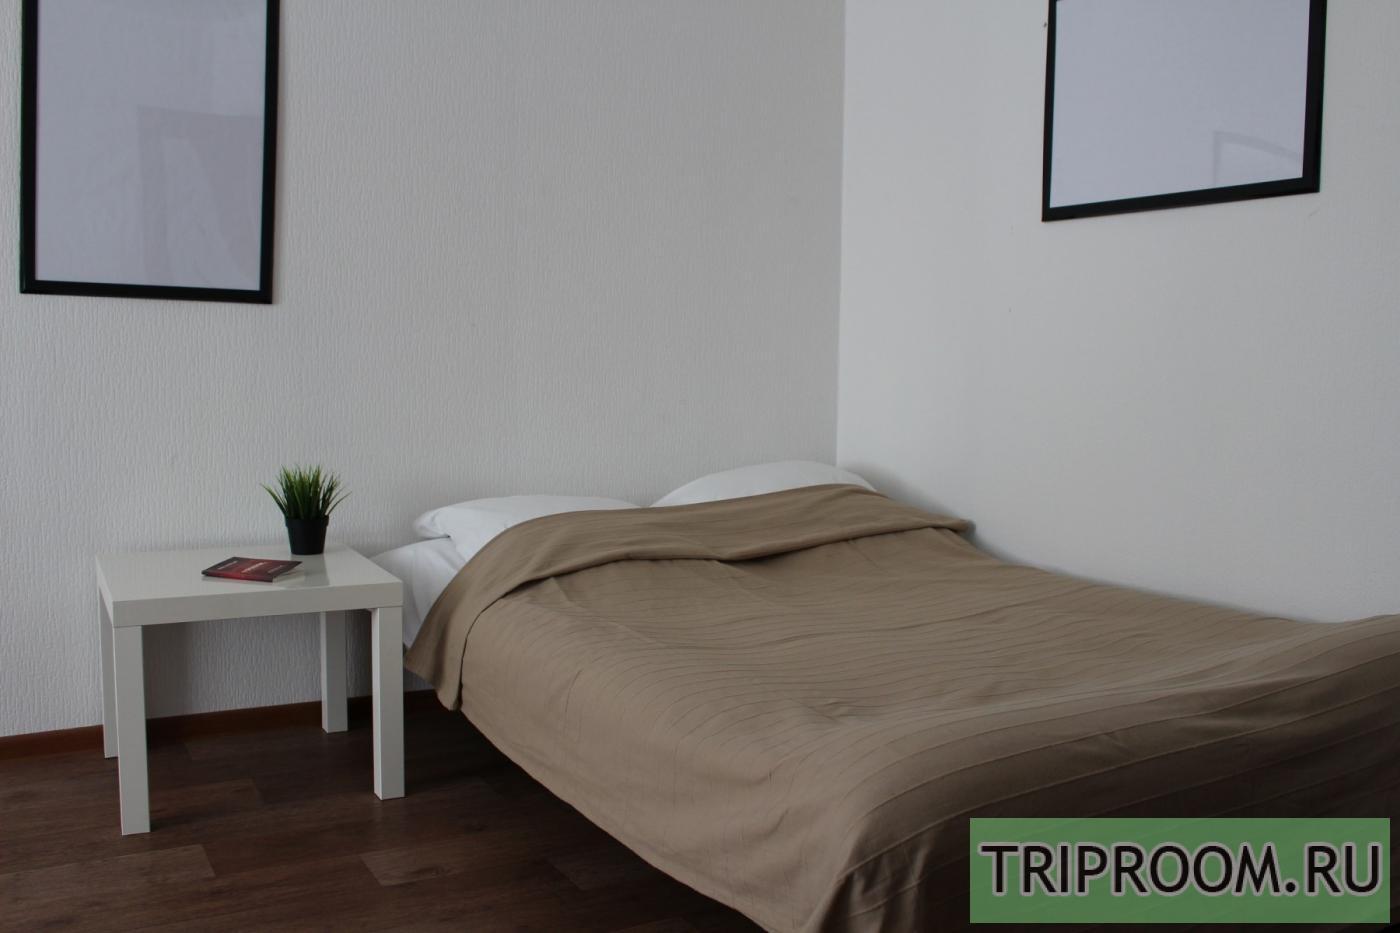 1-комнатная квартира посуточно (вариант № 32508), ул. Крахмалева улица, фото № 5